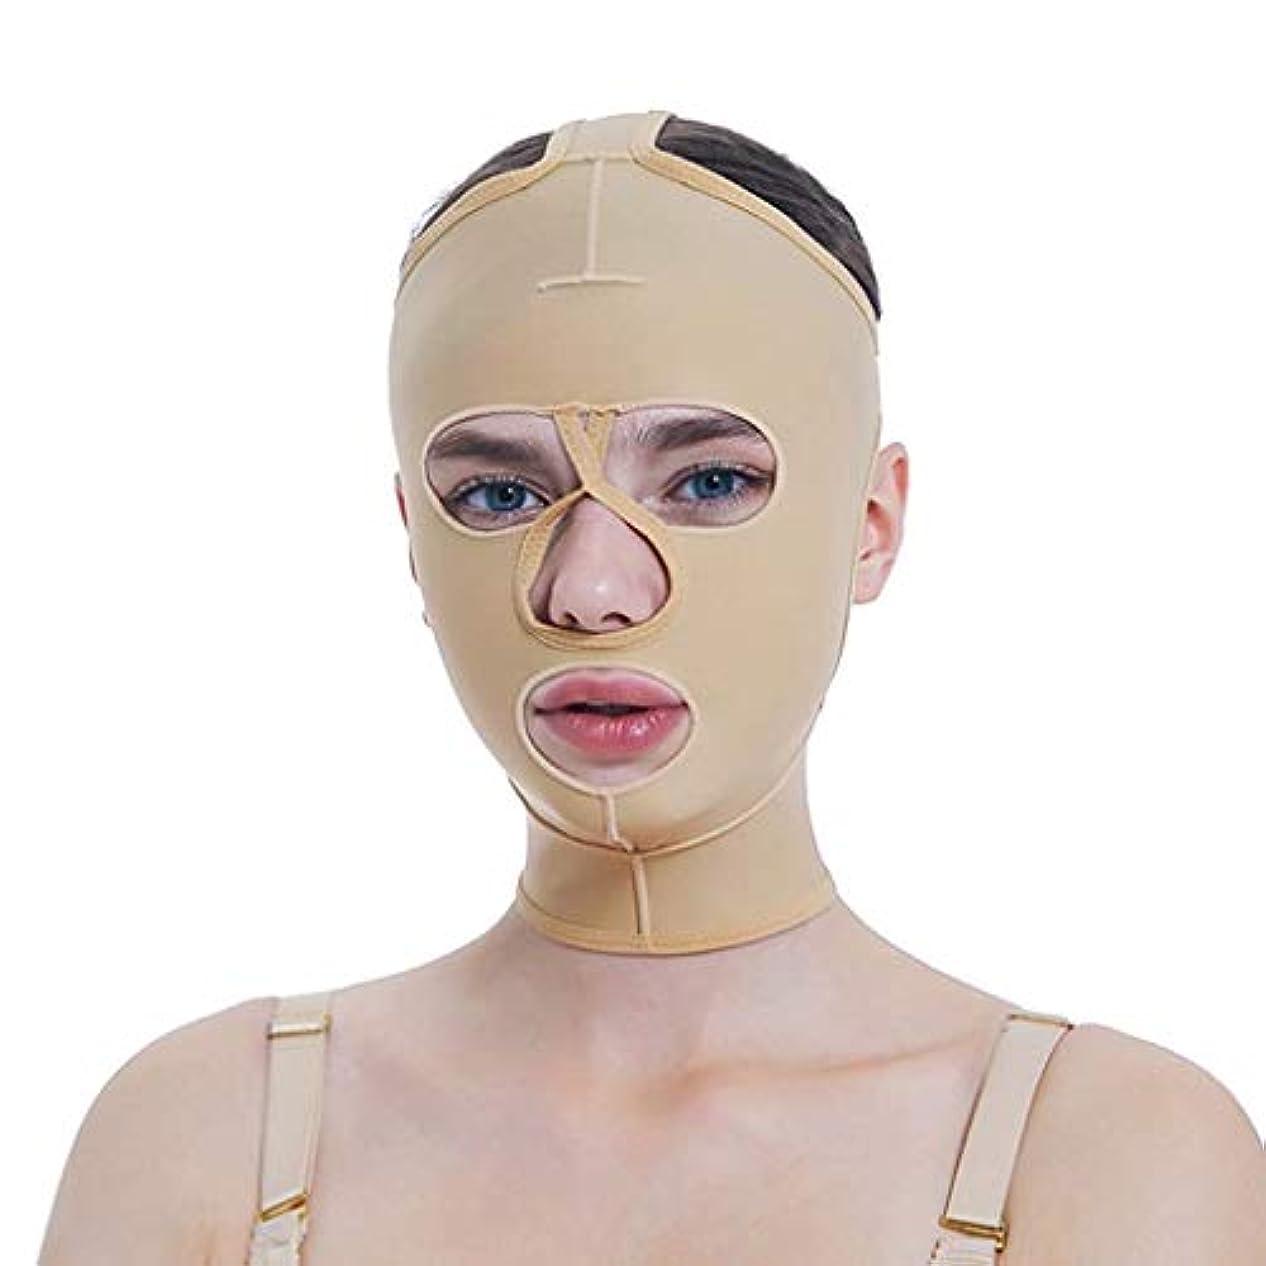 静脈逆損傷脂肪吸引術用成形マスク、薄手かつらVフェイスビームフェイス弾性スリーブマルチサイズオプション(サイズ:M)